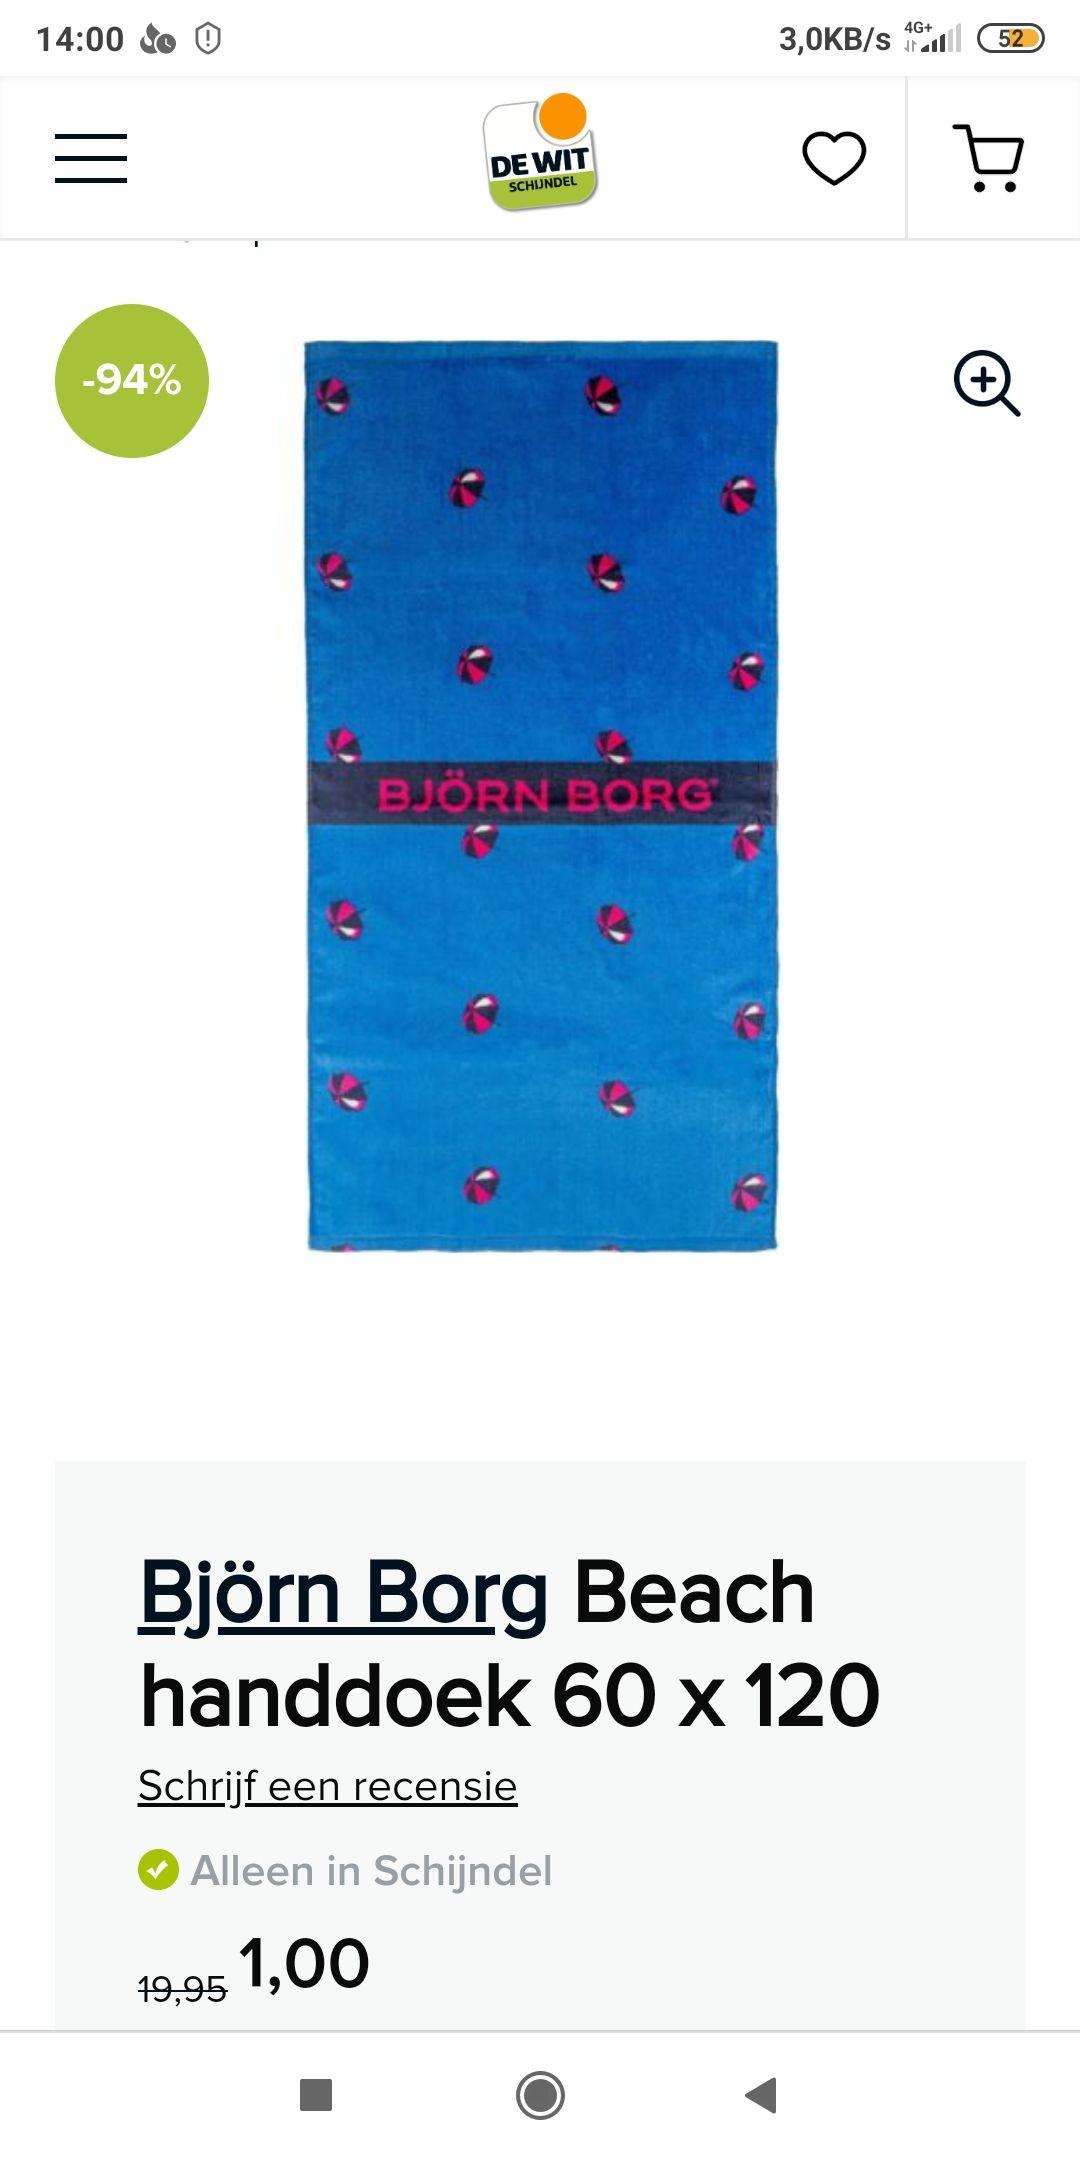 Bjorn Borg beach handdoek